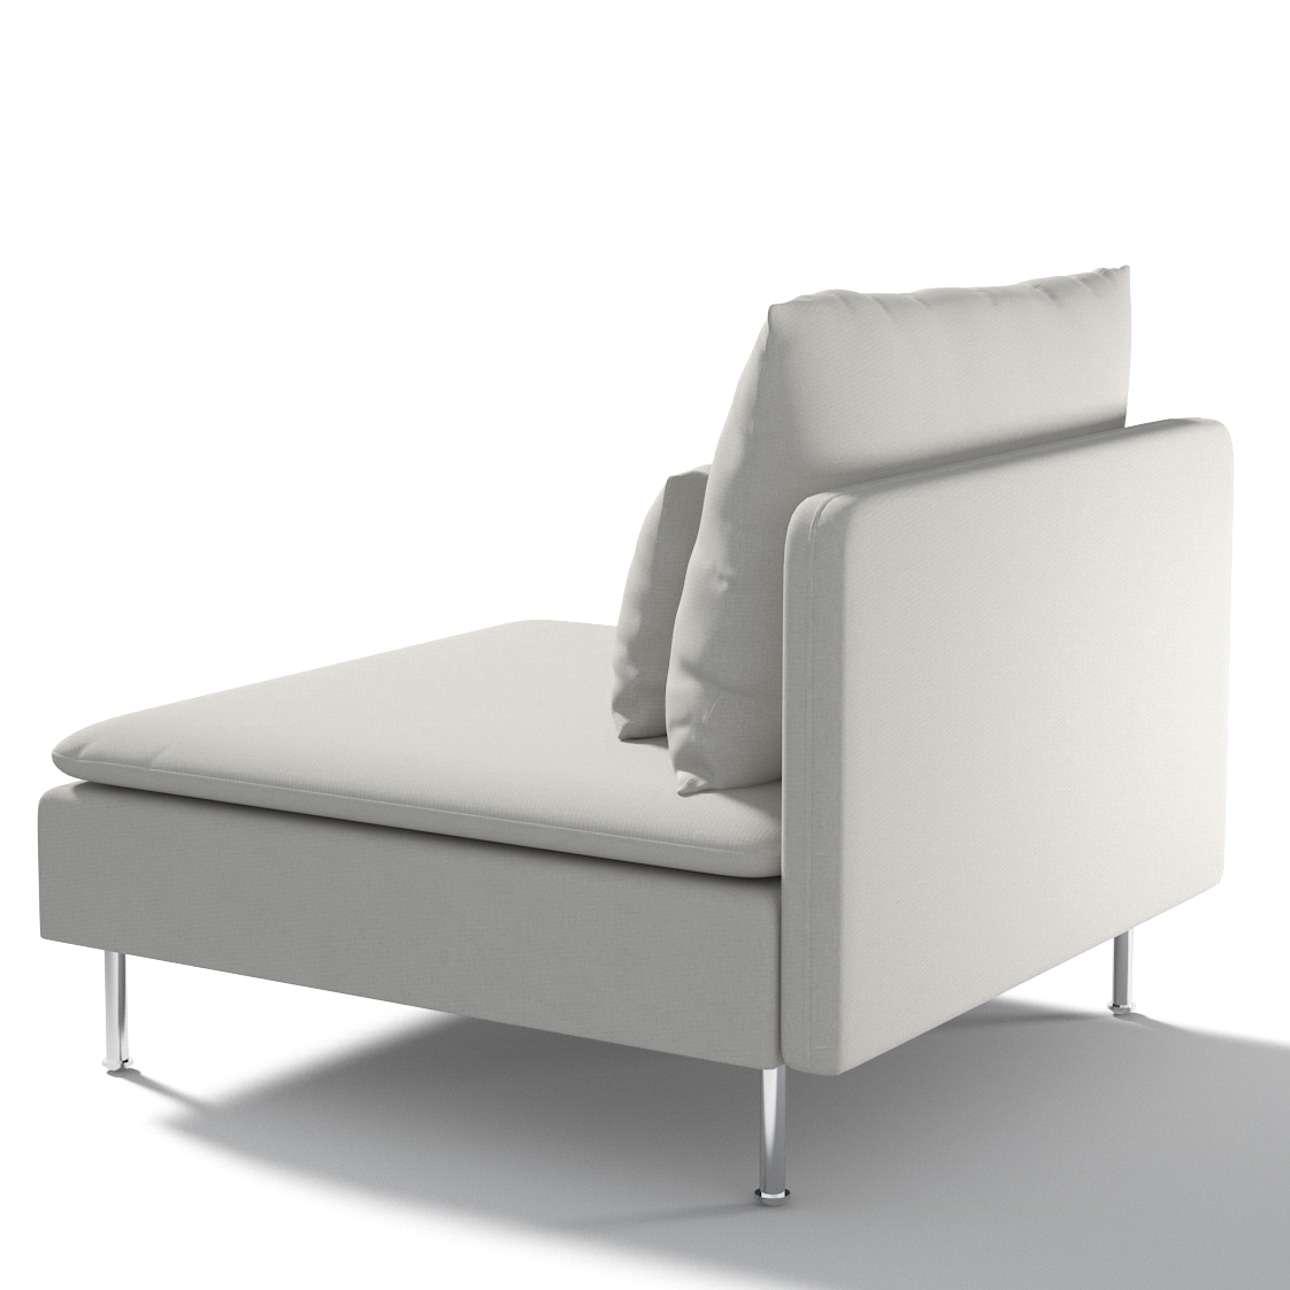 Söderhamn Bezug für Sitzelement 1 Sitzelement 1 von der Kollektion Etna, Stoff: 705-90